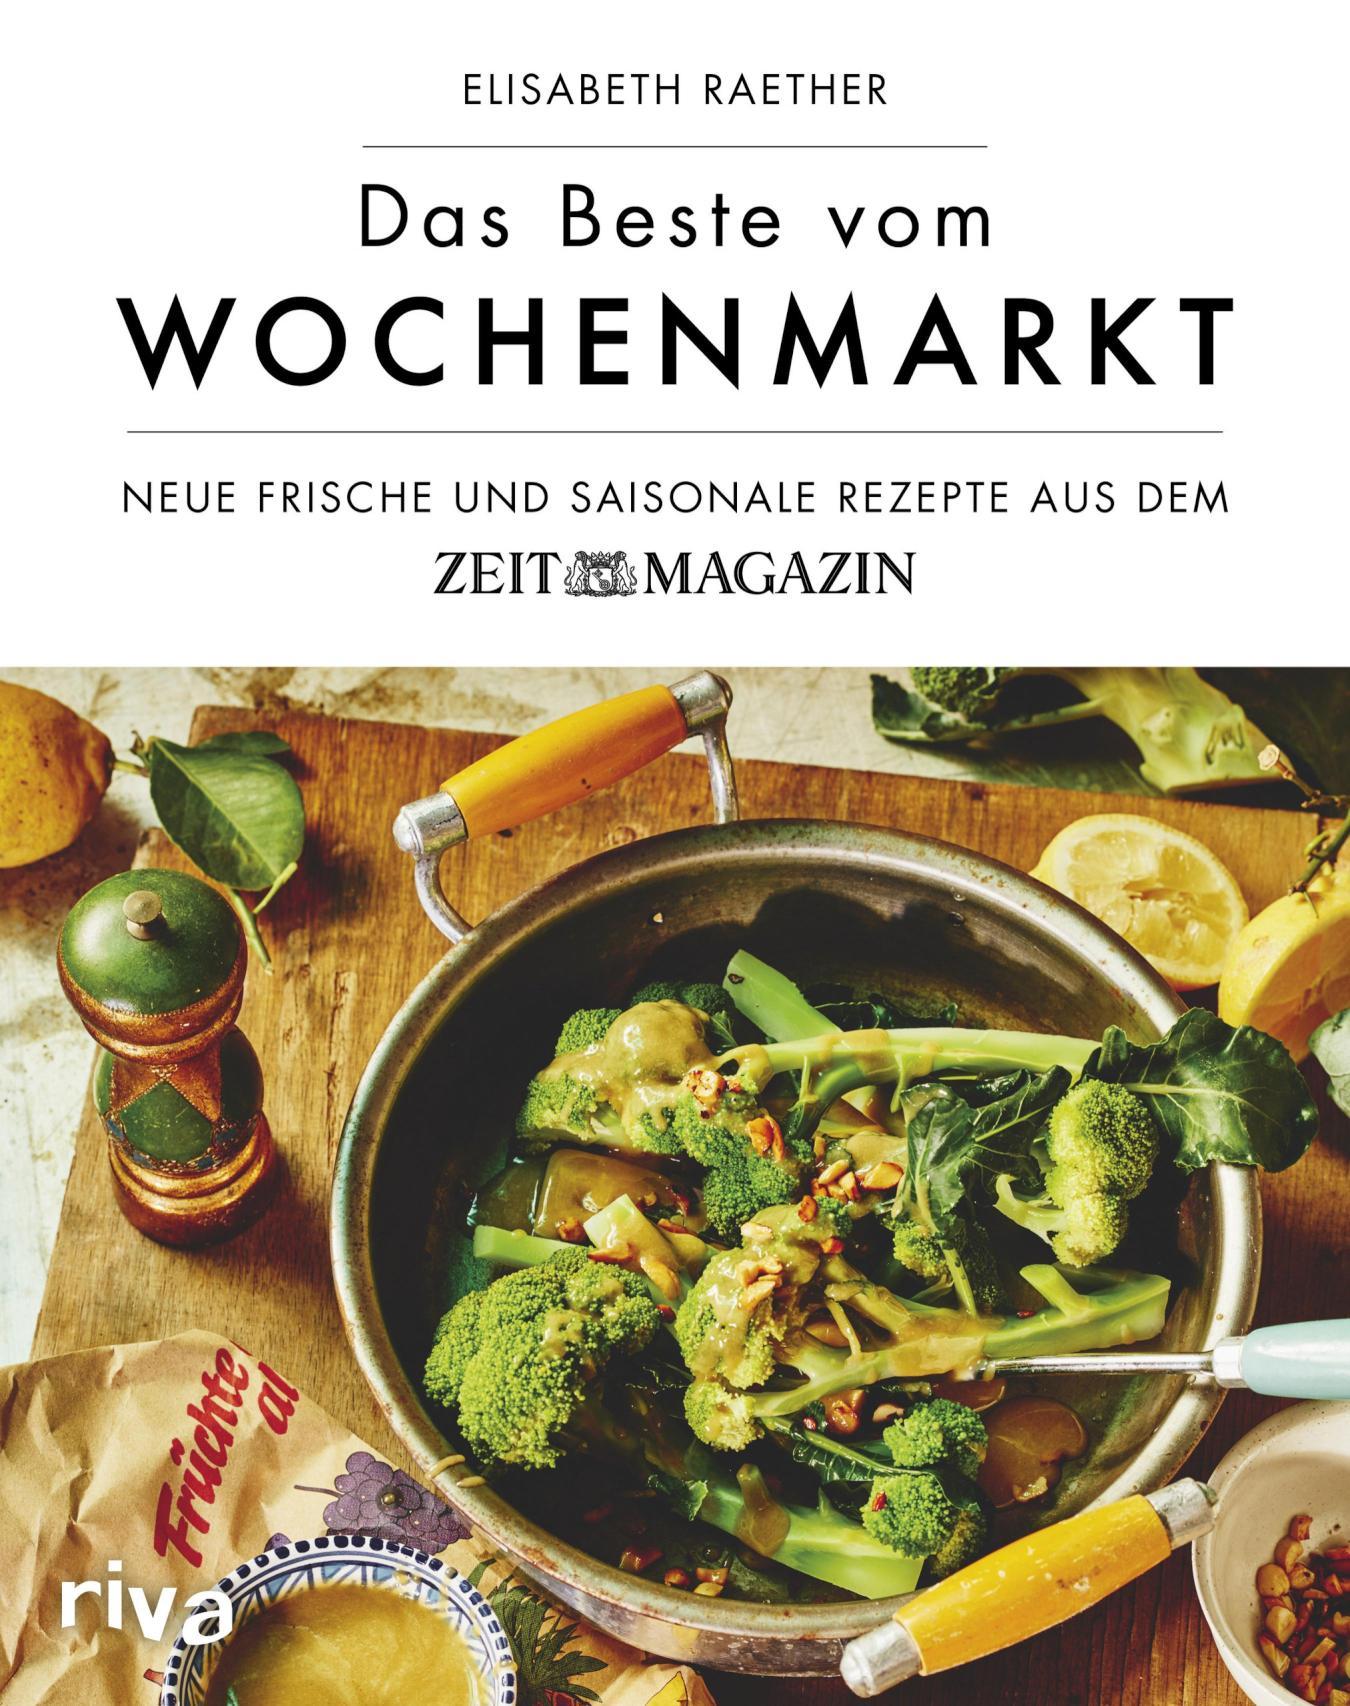 Das Beste vom Wochenmarkt Neue frische und saisonale Rezepte aus dem ZEITmagazin